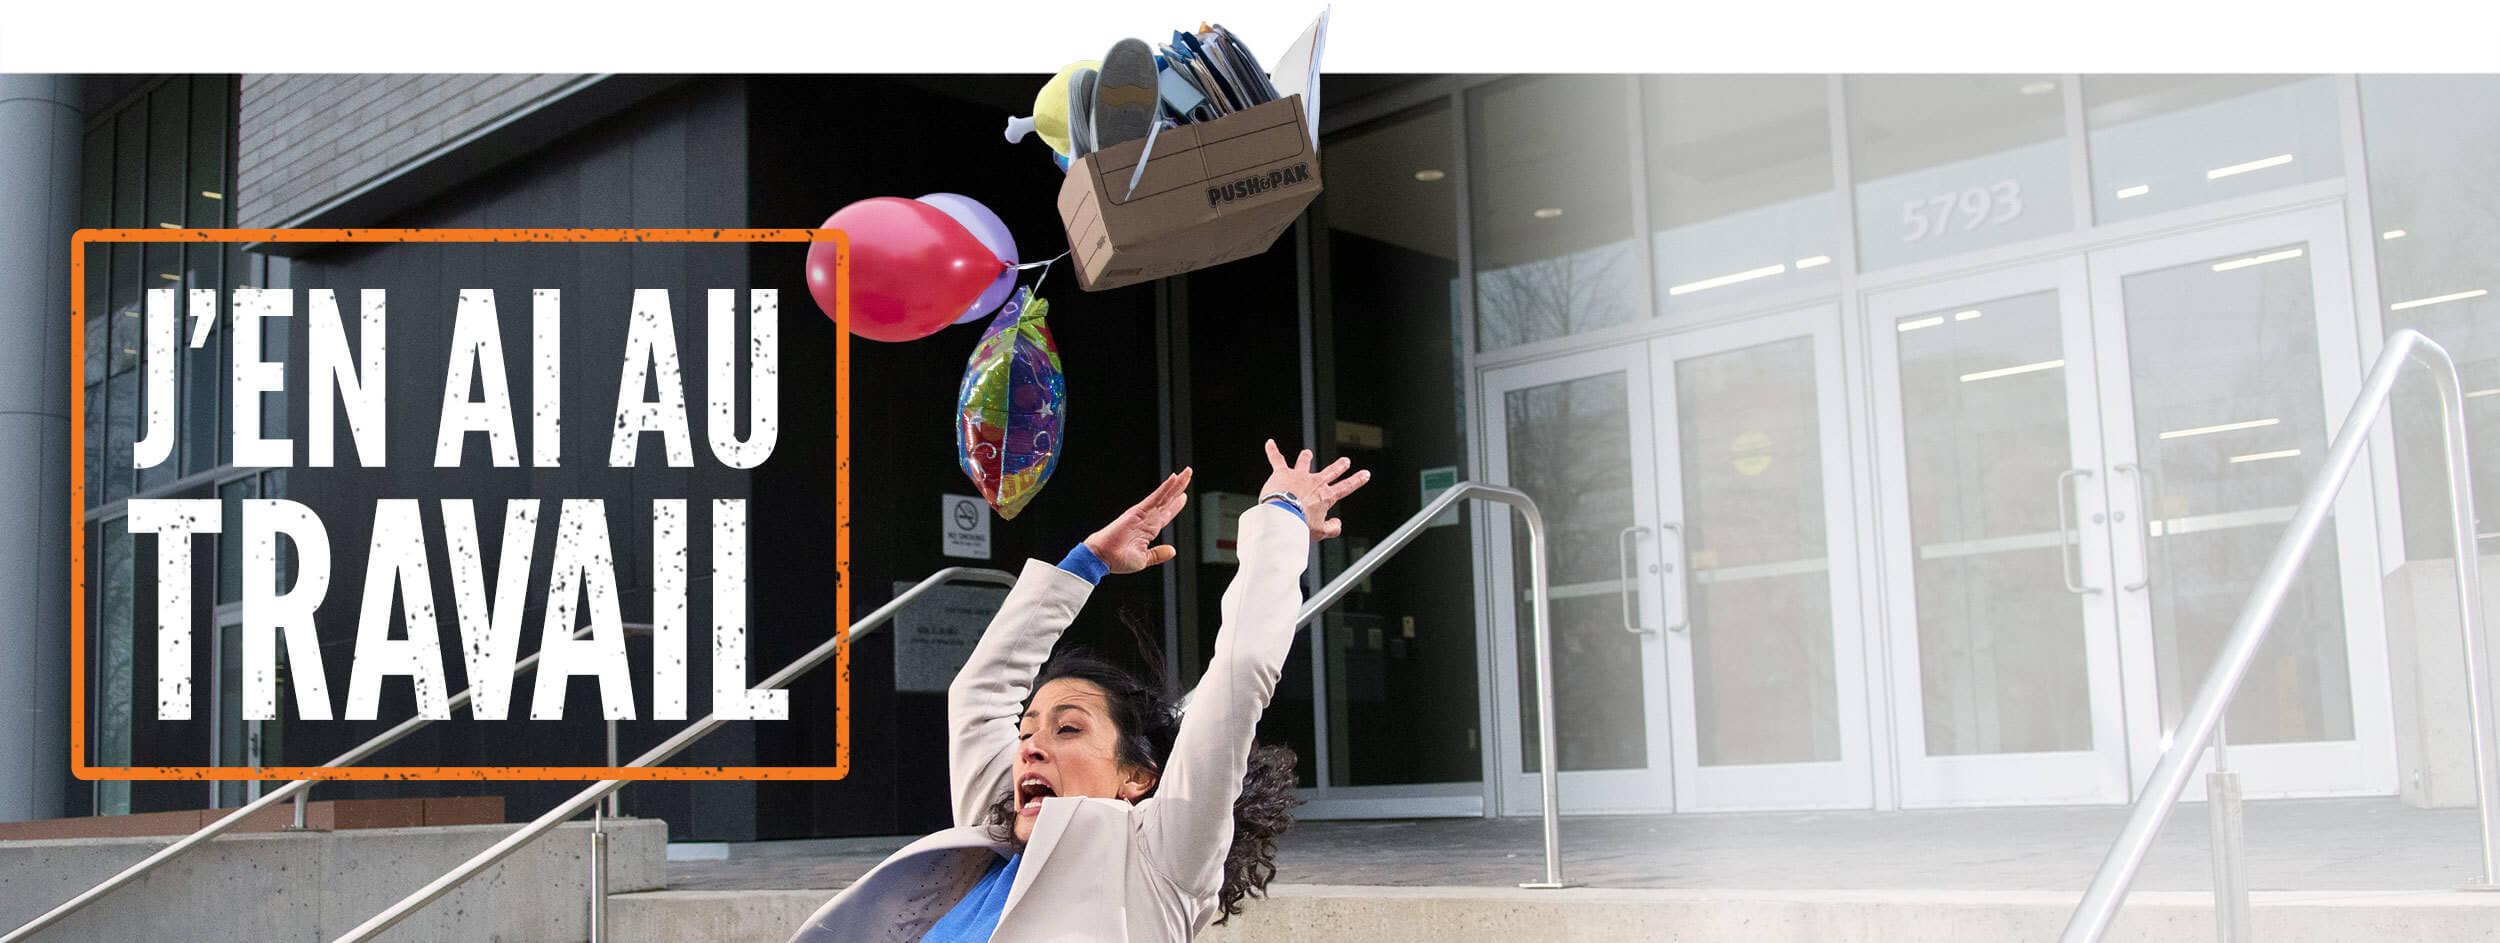 Photo d'une femme qui chute dans les escaliers en transportant une boîte de documents de travail. Le texte « J'en ai au travail » accompagne la photo.